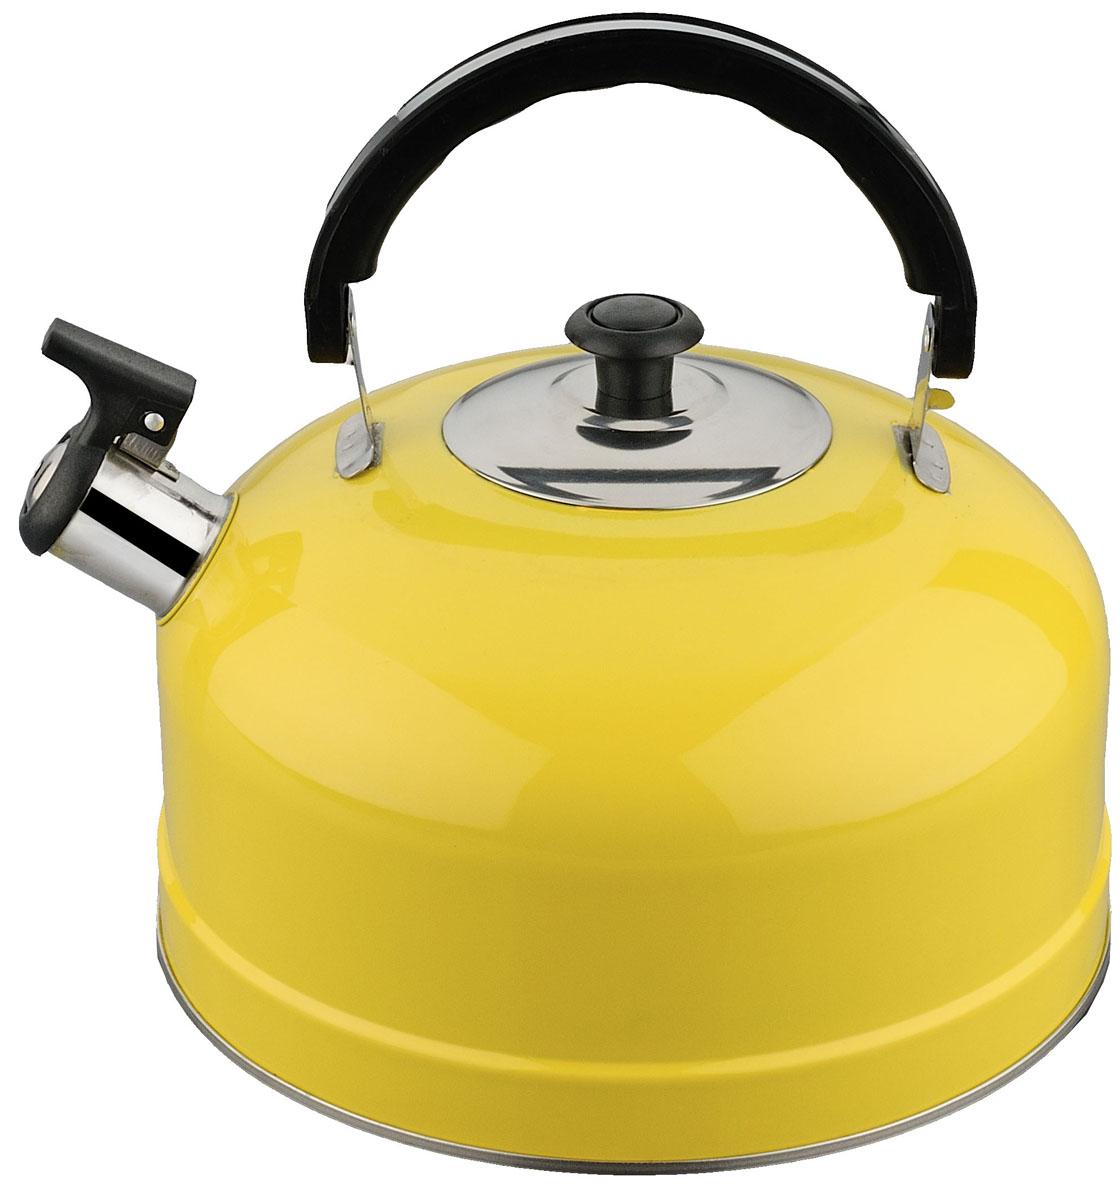 Чайник Irit, со свистком, цвет: желтый, 2,5 лIRH-418Чайник из нержав стали со свистком, объем 2,5 л. Изготовлен из высококачественной нержавеющей стали, однослойное дно. Подвижная ручка из термостойкого пластика. Ручка не нагревается. ЦВЕТ ЖЕЛТЫЙ. полезный объем 2 л